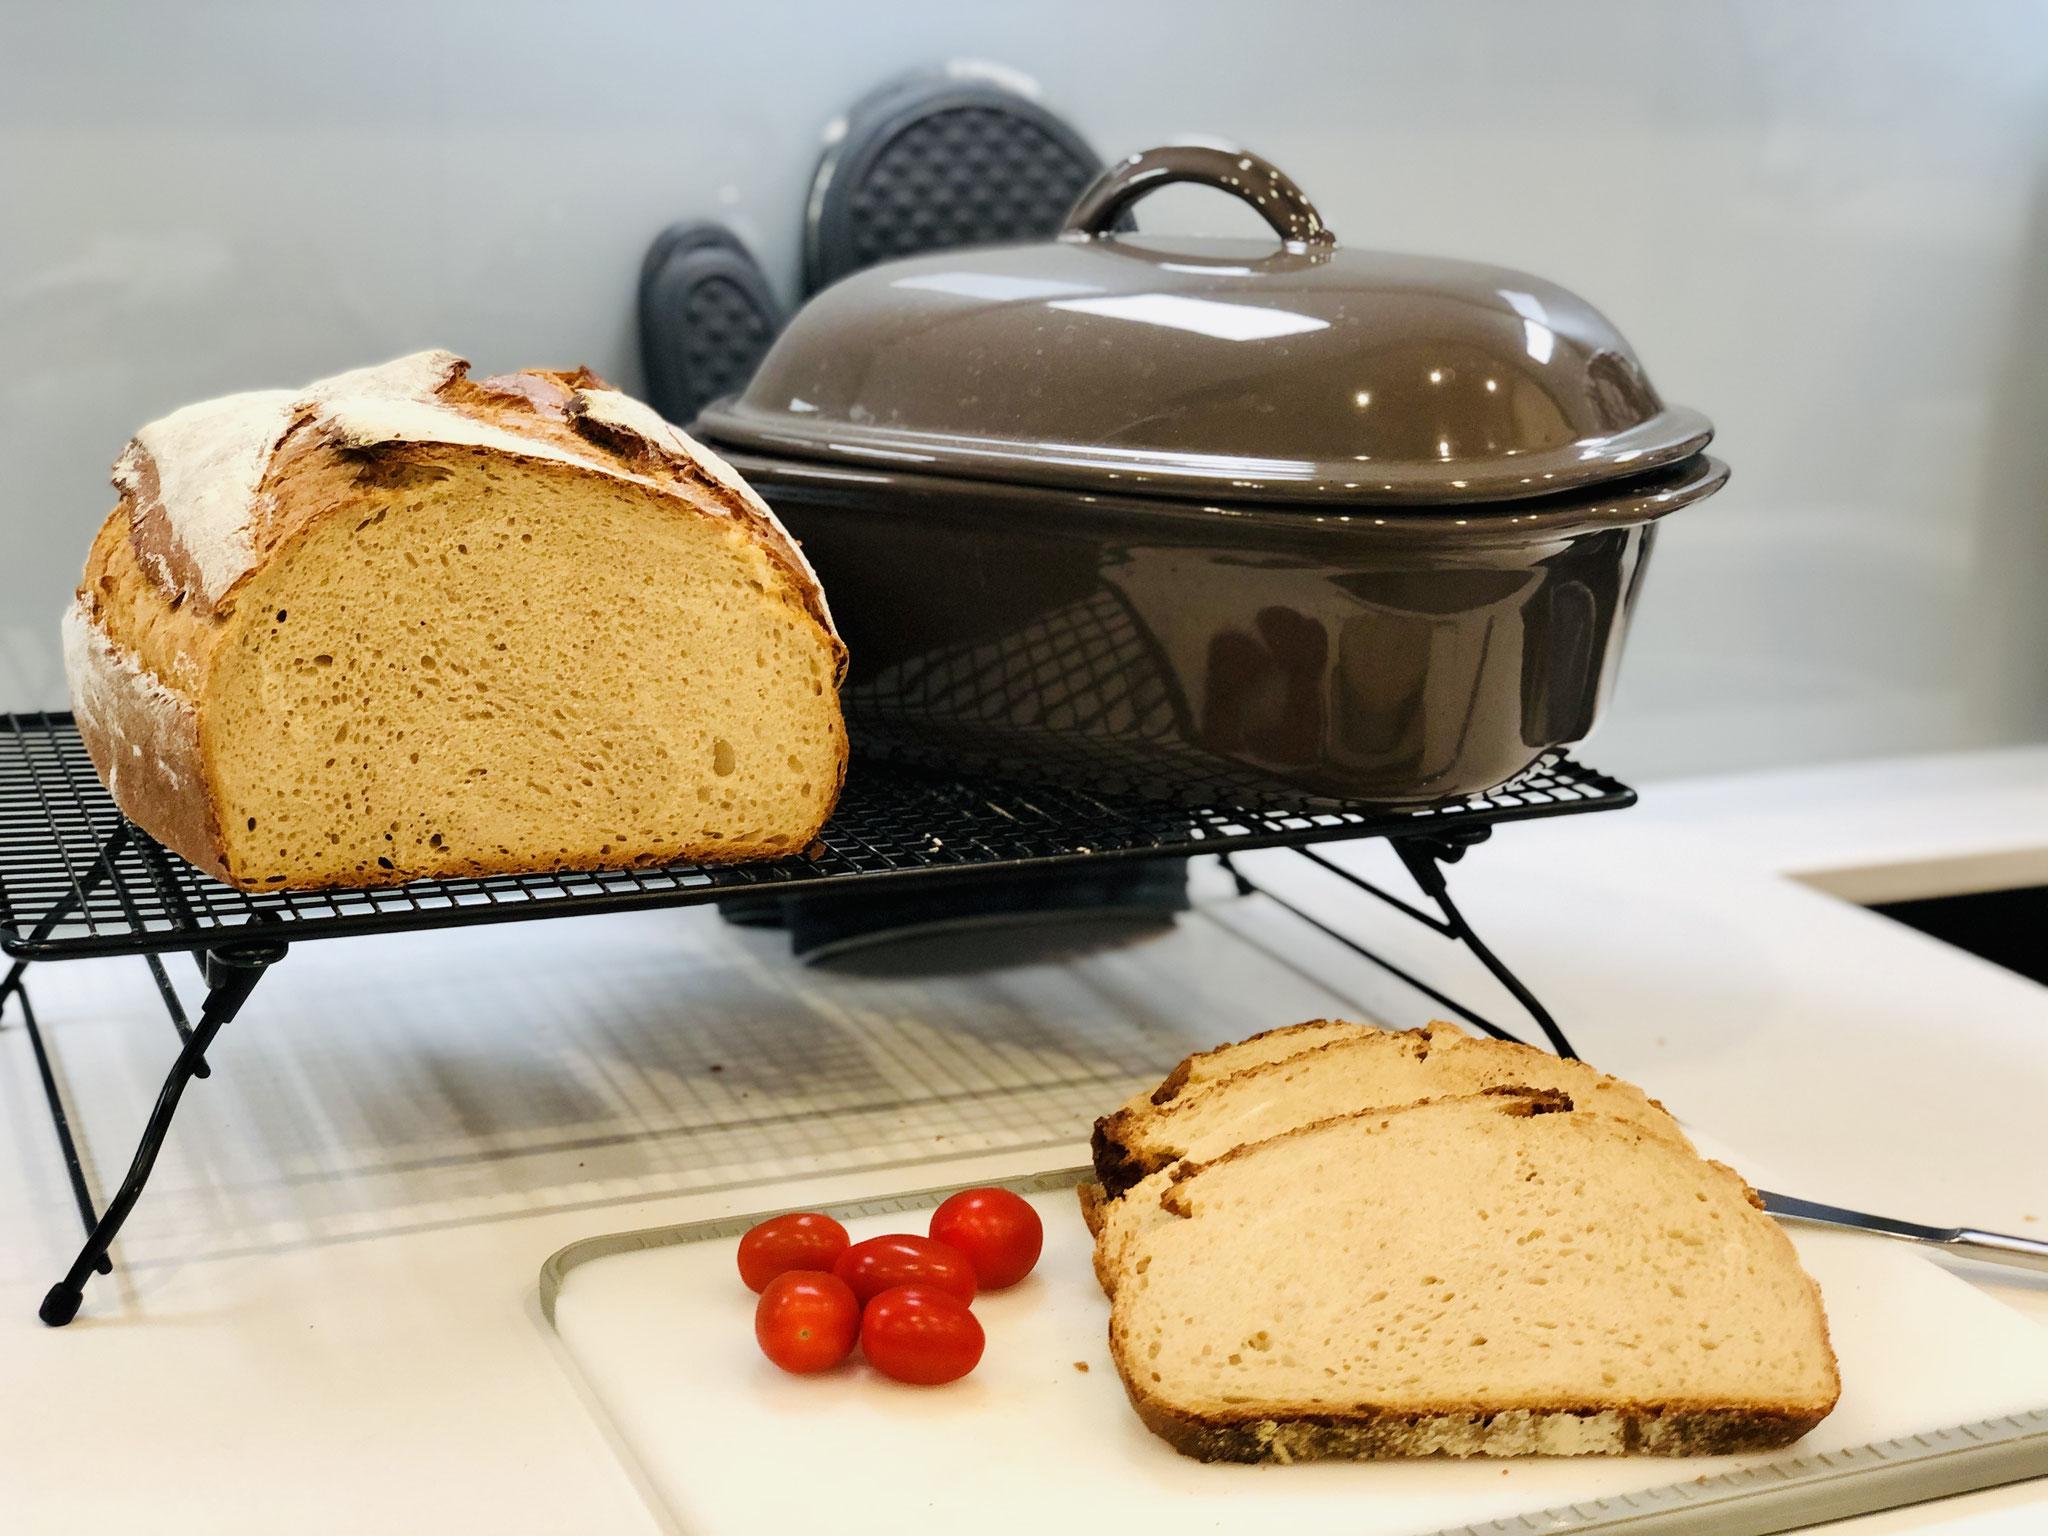 Schau wie schön mein Brot von innen aussieht. Viel Spaß mit meinem Rezept ♥